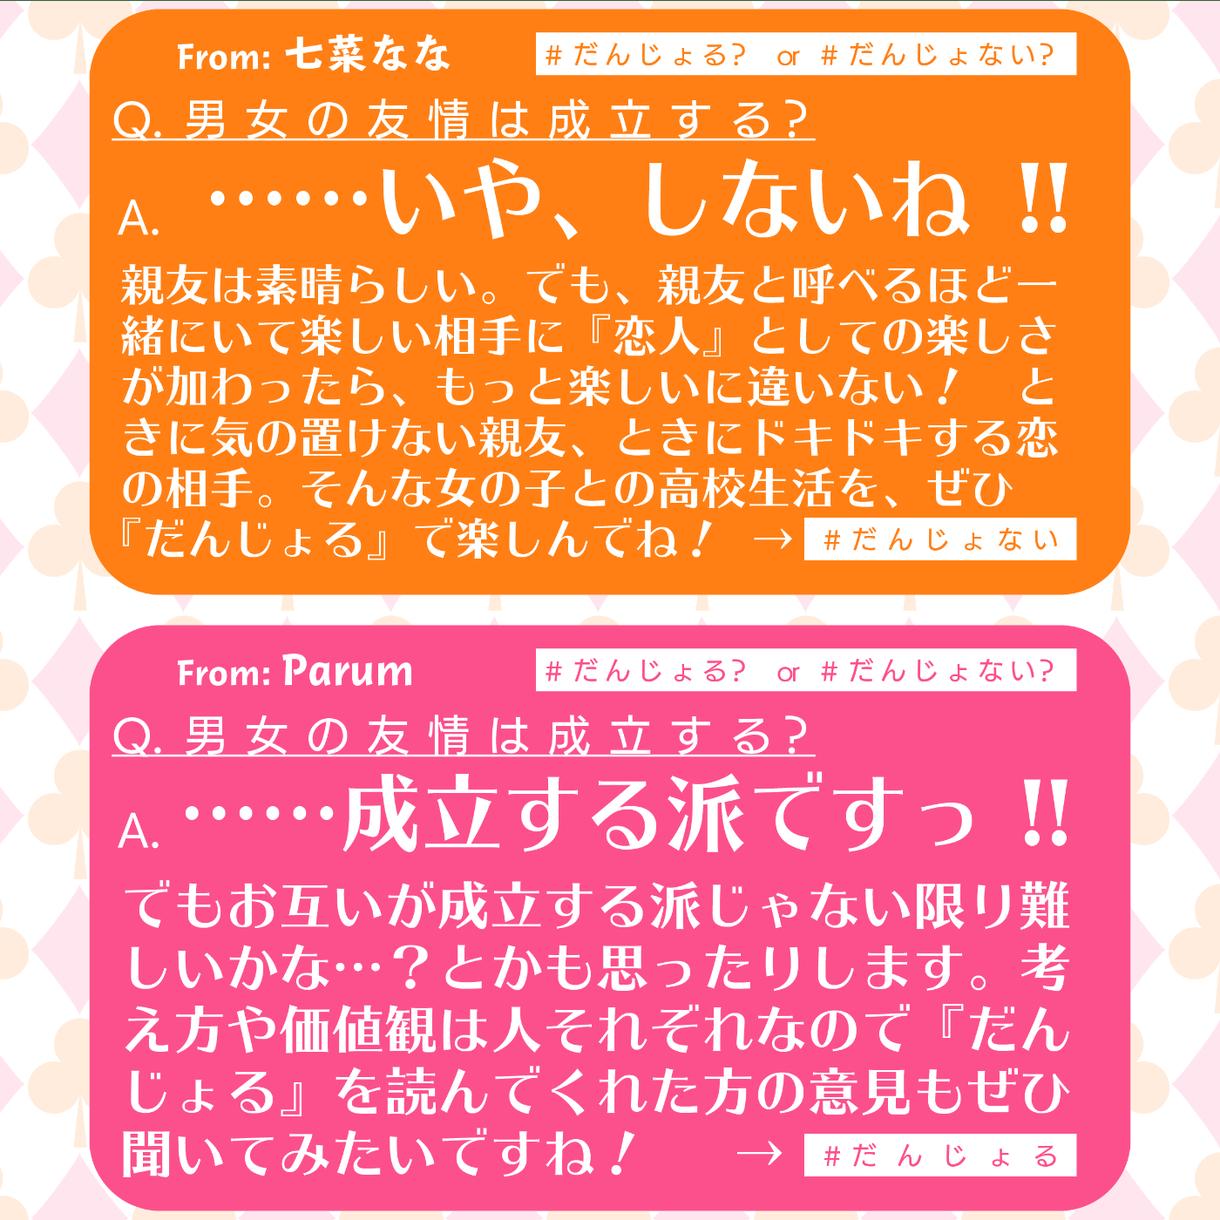 だんじょる? or だんじょない? 七菜なな & Parum 's comments